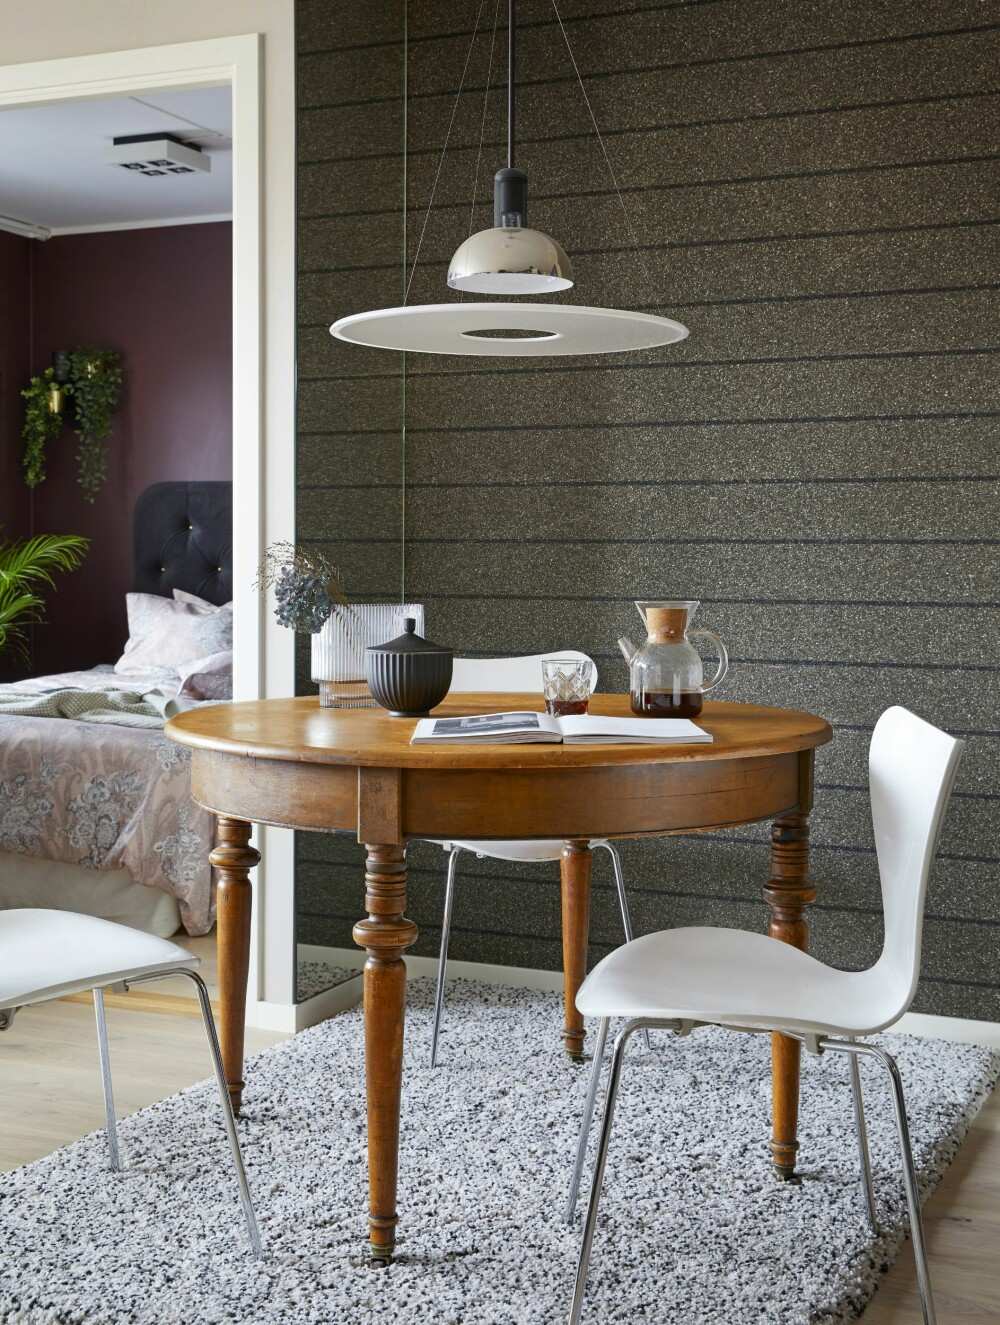 SÆRPREG: Det stripete og matte stentapetet i spisestuesonen tilfører nisjen et spennende særpreg. Tapetet heter Omexco Mica, MCA 7014, og er fra Intag. Spisebordet er et bruktfunn fra finn.no, og stolene er 7-er stoler fra Arne Jacobsen. Taklampen Frisbi er fra Flos, og gulvteppet er fra Ikea.